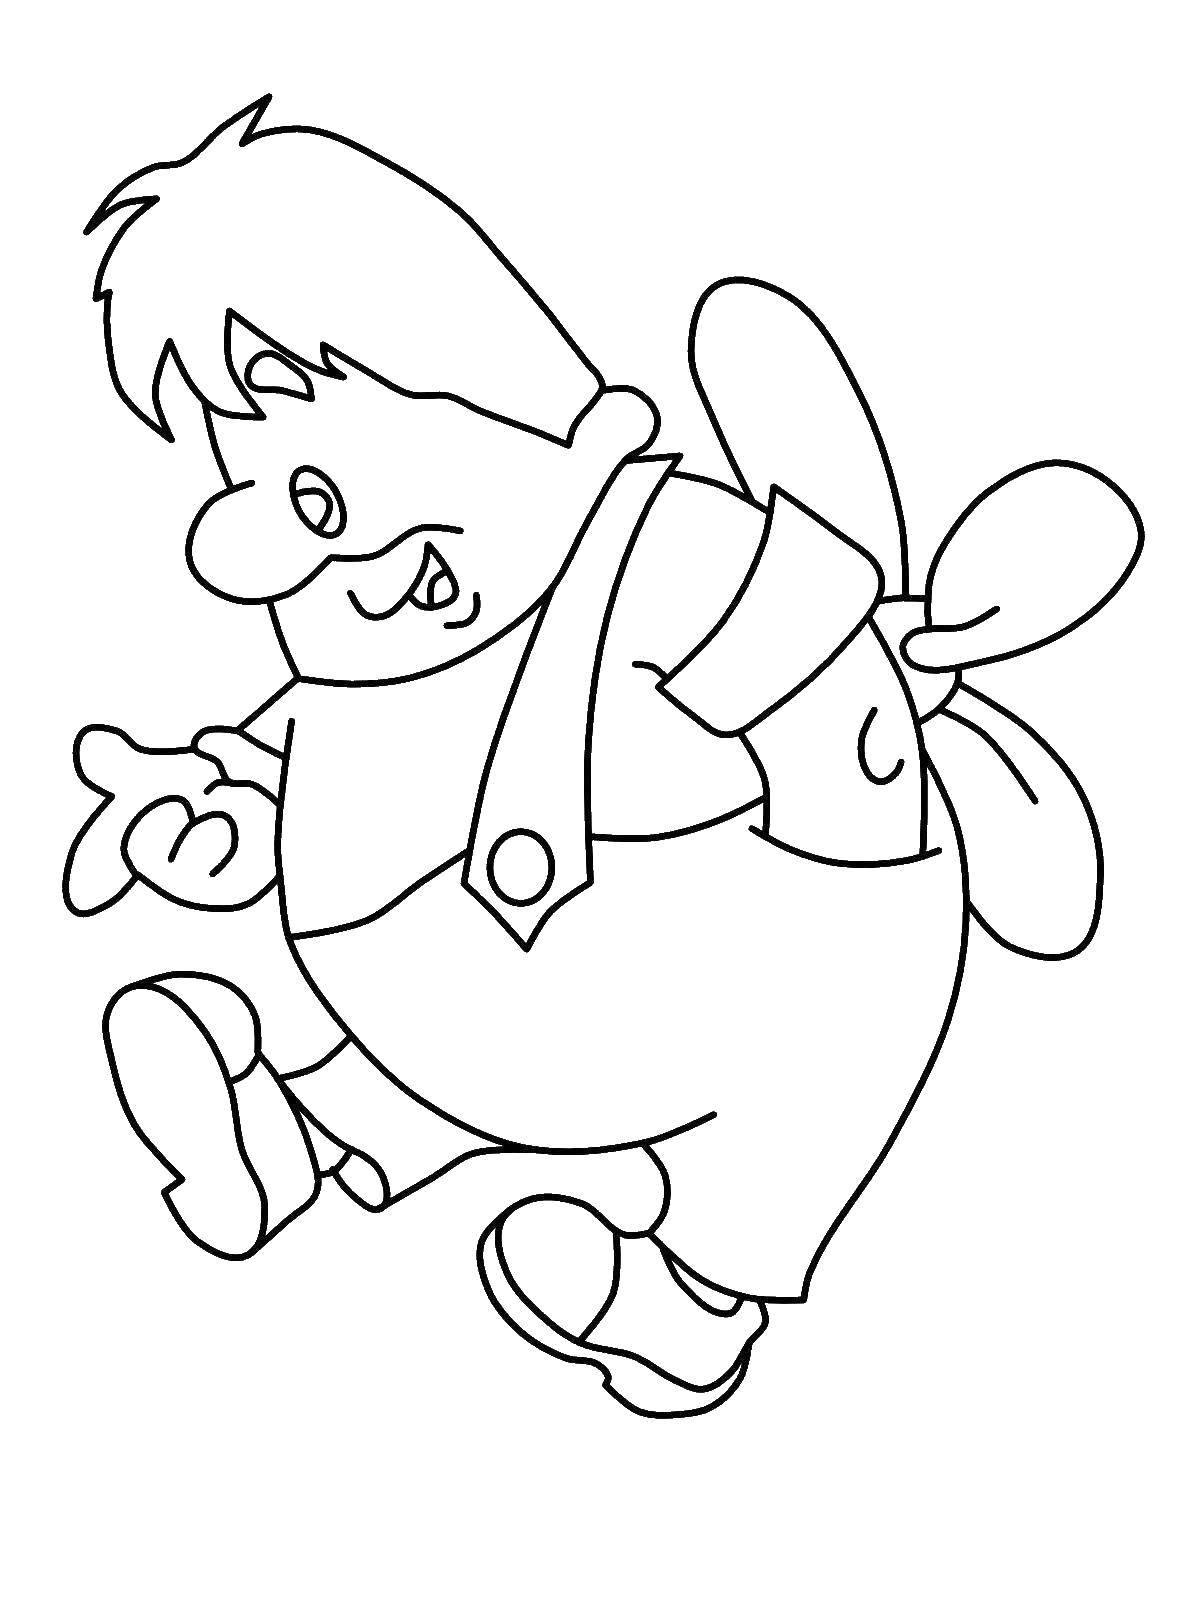 Раскраска Карлсон Скачать Персонаж из мультфильма, Малыш и Карлсон .  Распечатать ,раскраски карлсон,